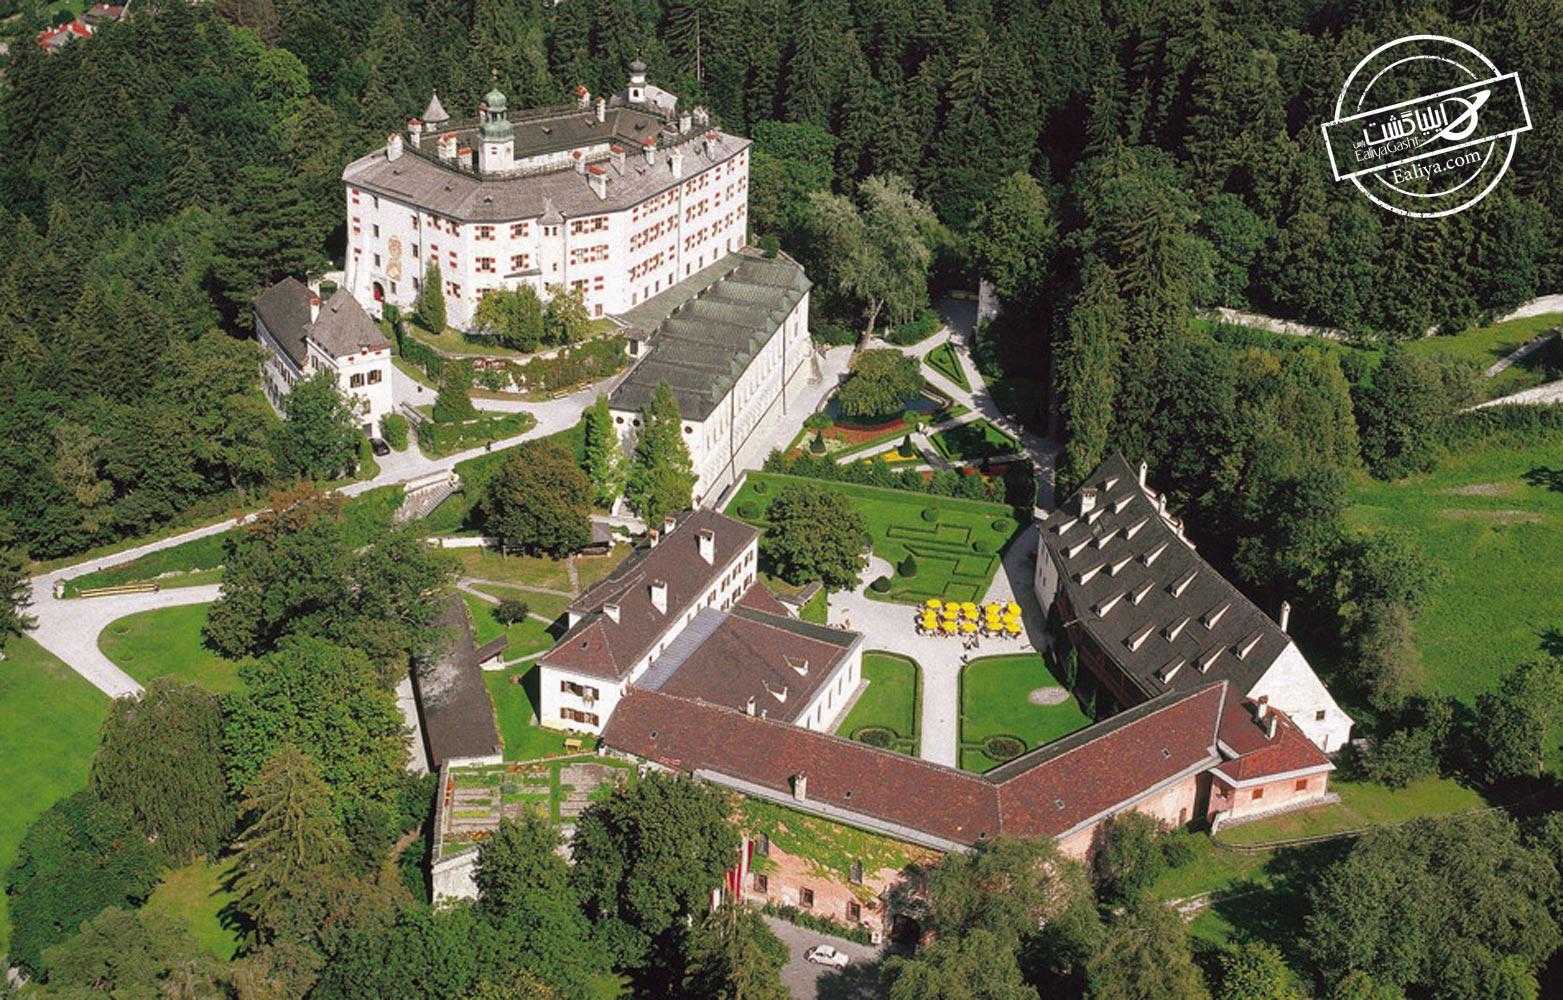 ساختار کلی قلعه آمبراس